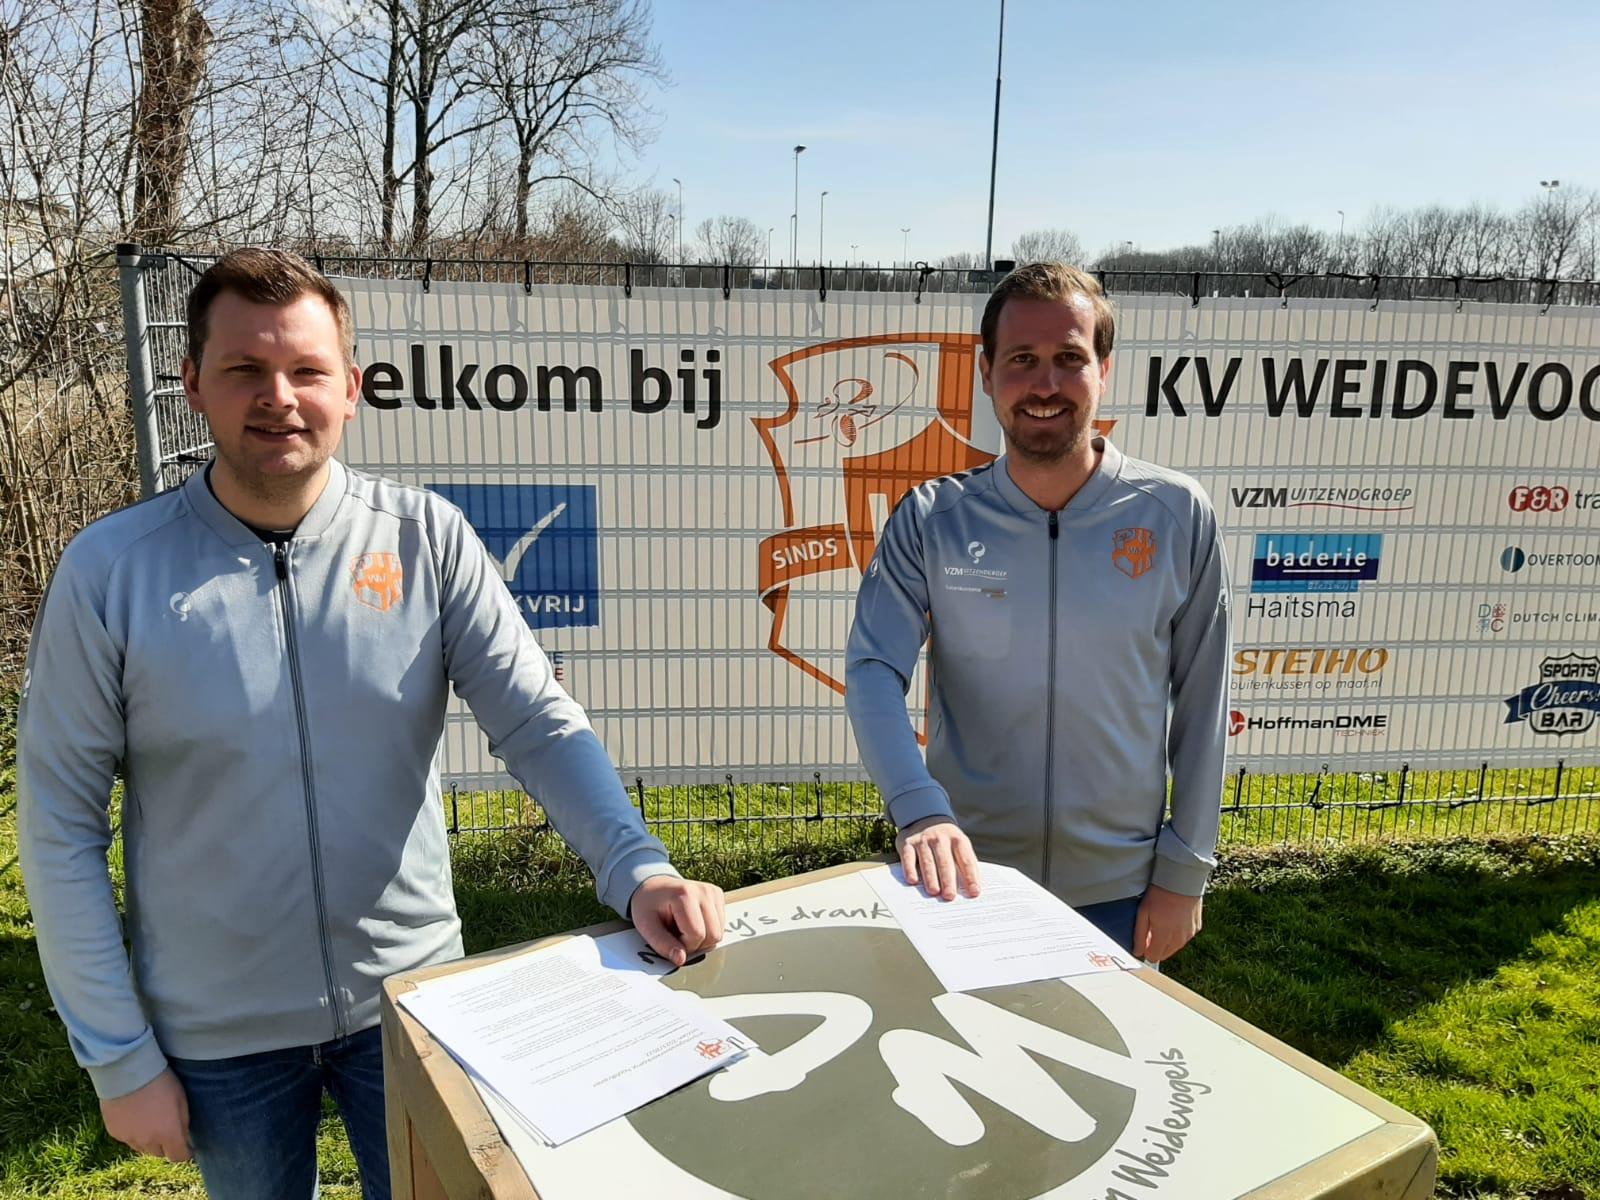 Trainers Peter de Waard en Tim Loendersloot verlengen contract: 'We zijn nog niet klaar'